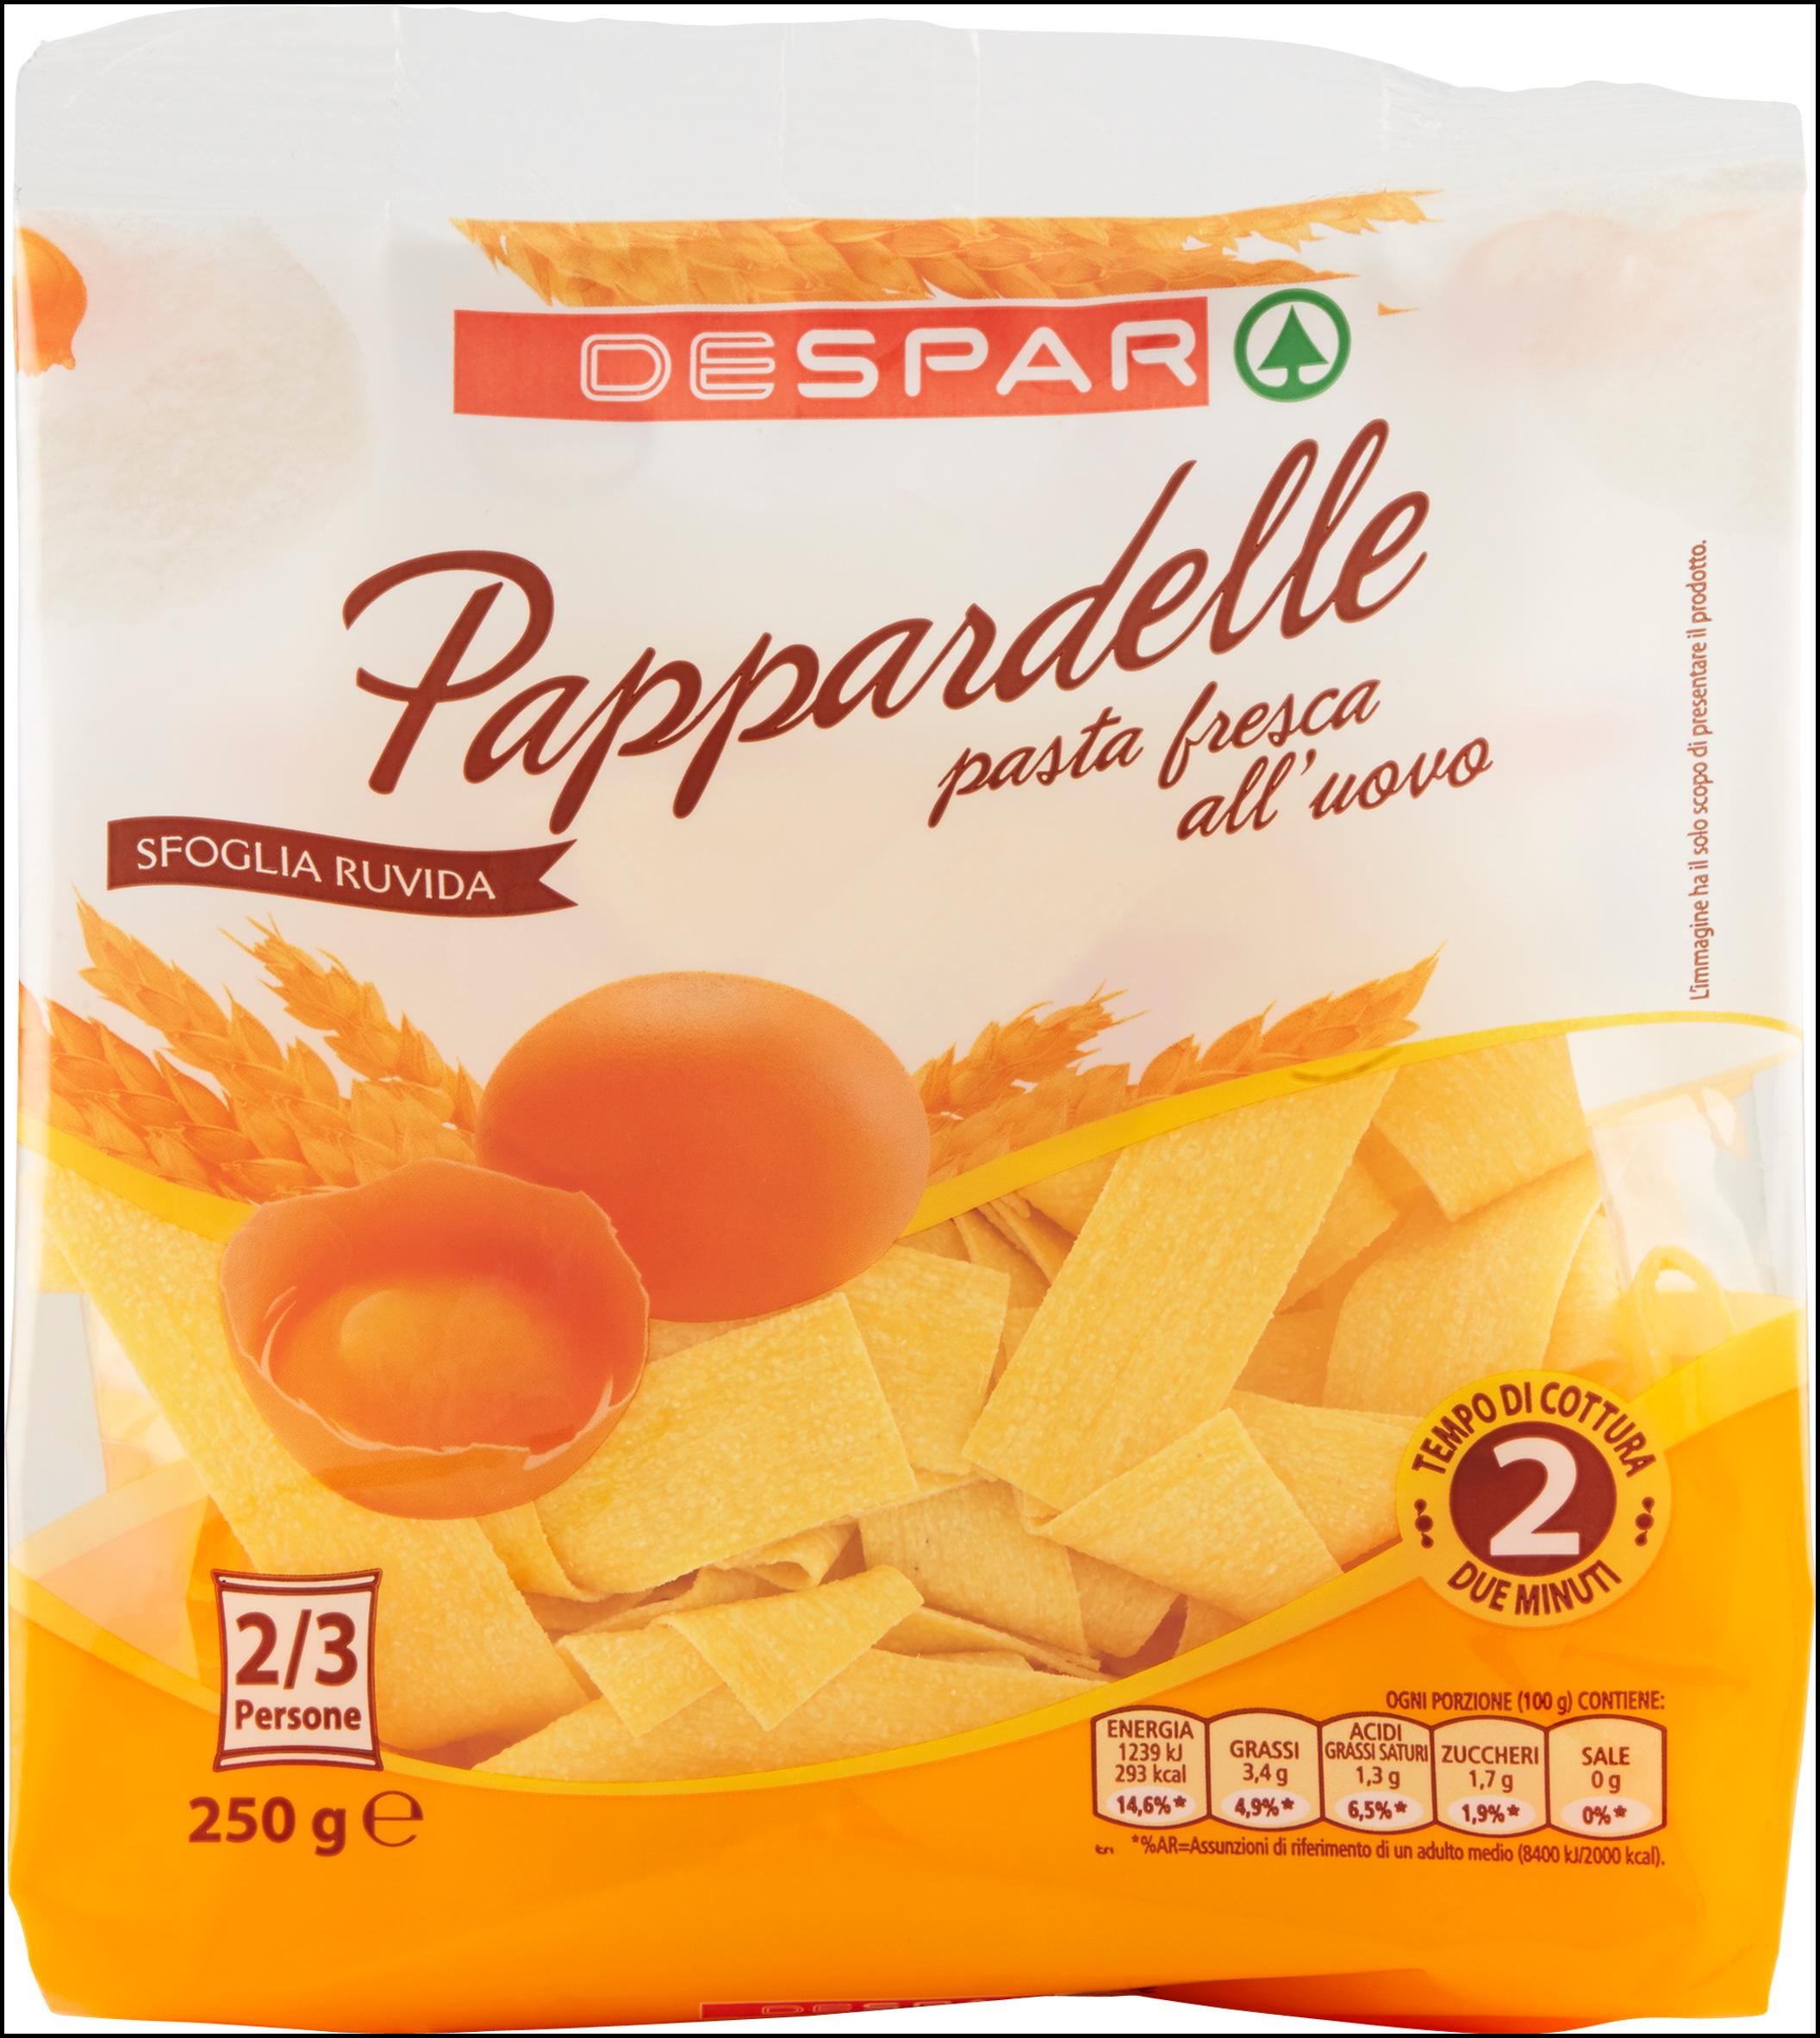 PAPPARDELLE FRESCHE UOVO DESPAR 250G